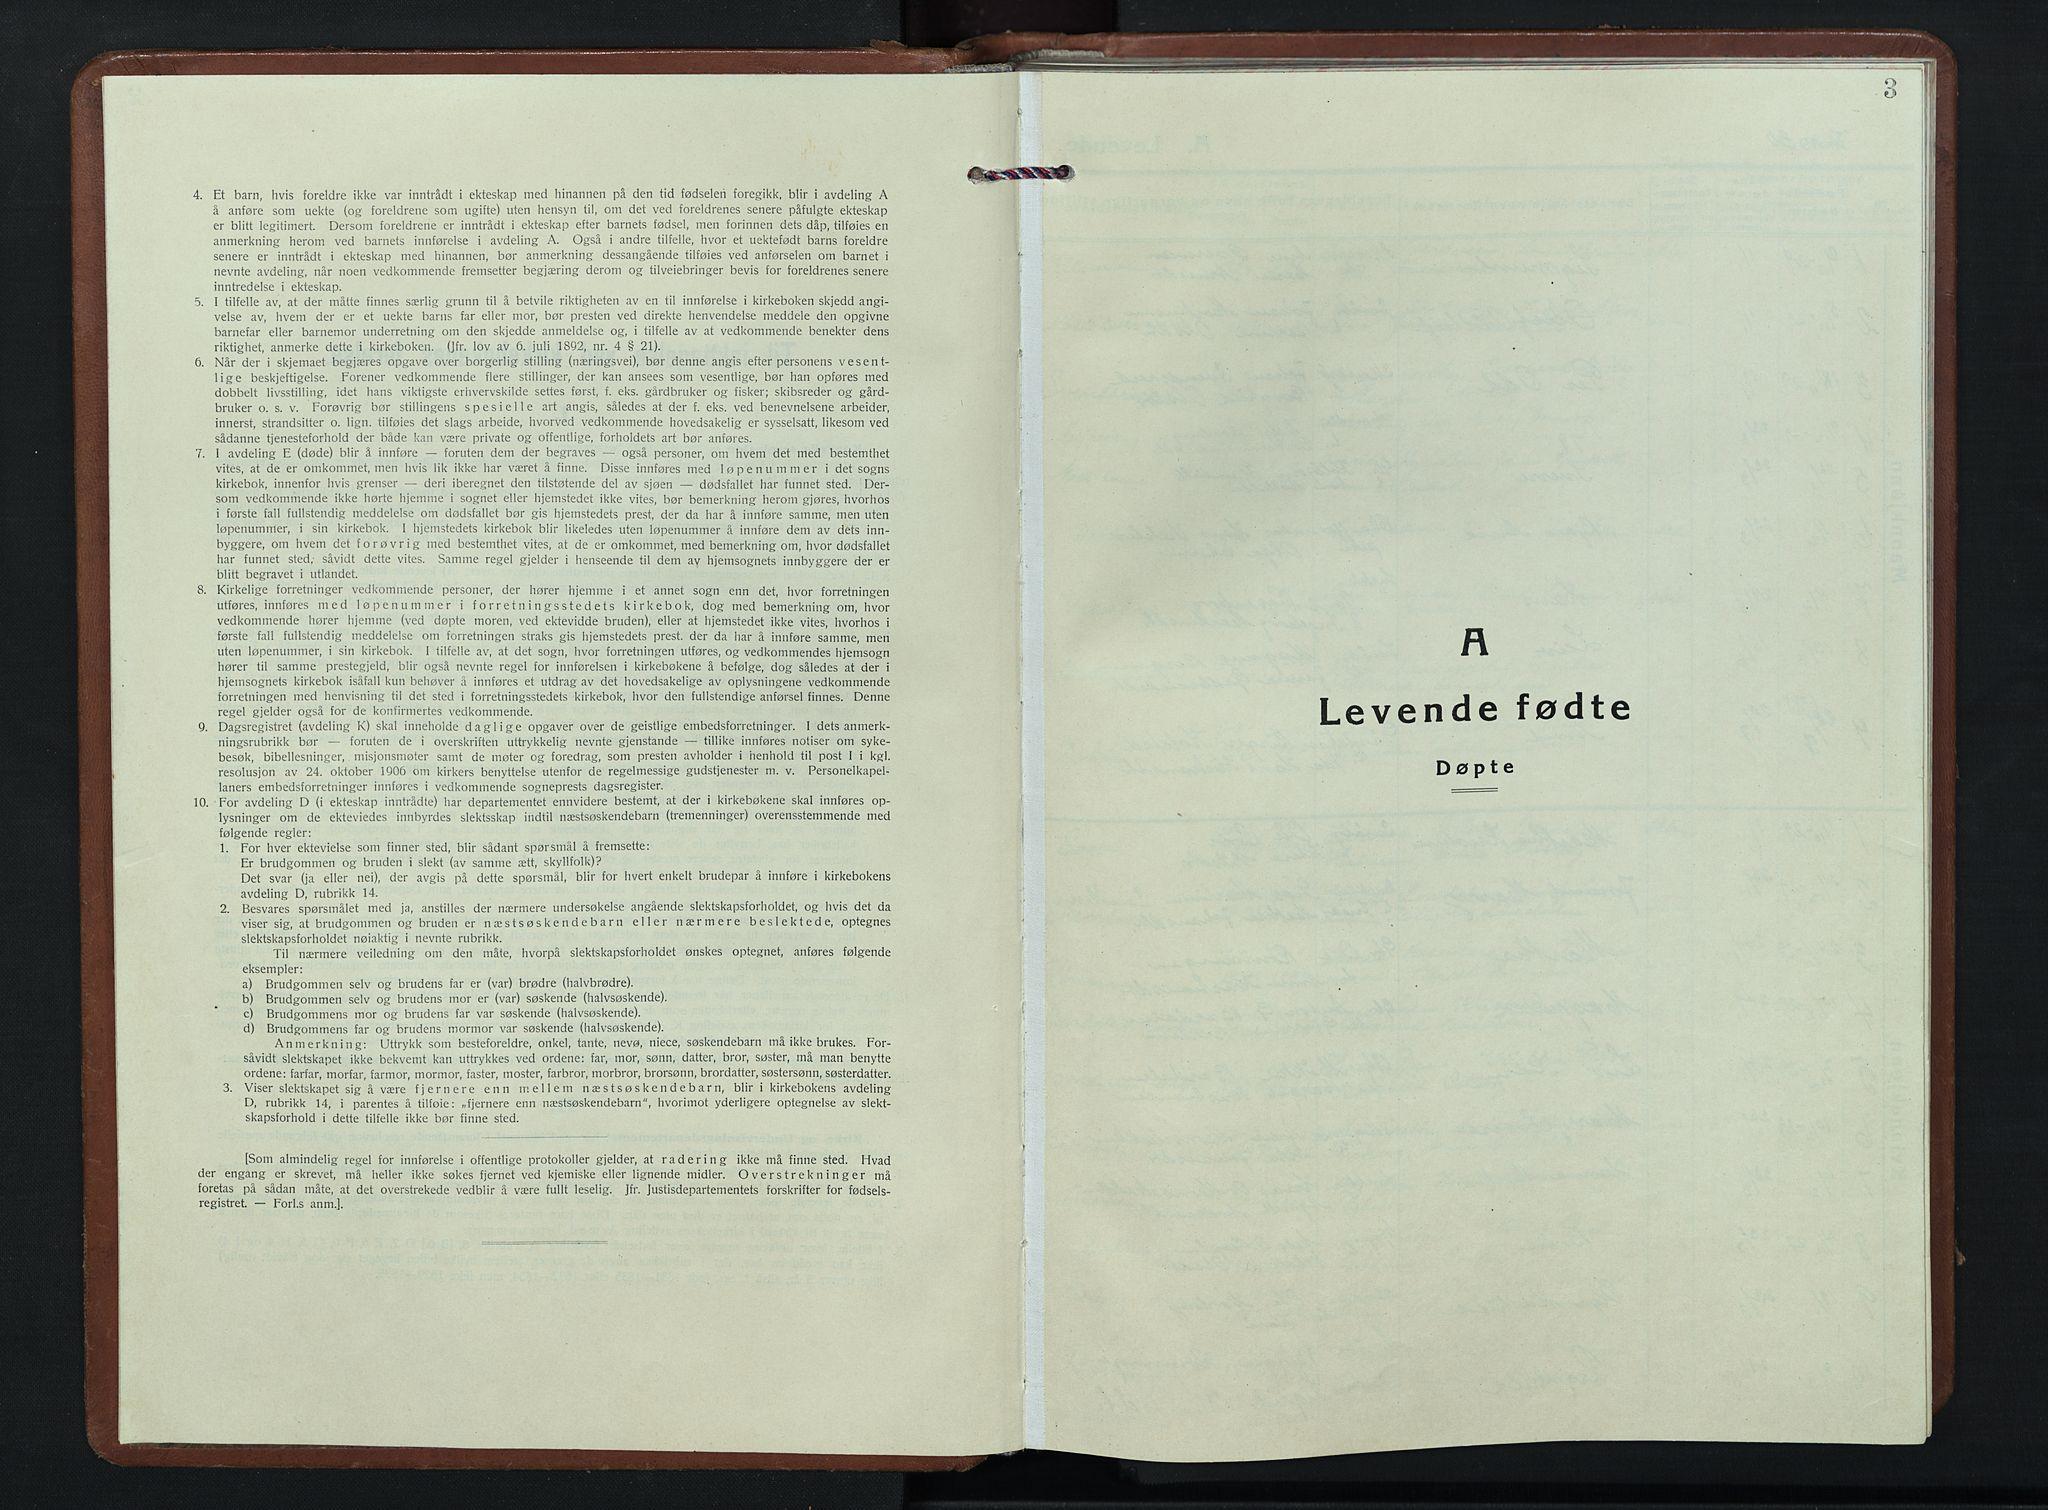 SAH, Nordre Land prestekontor, Klokkerbok nr. 7, 1930-1953, s. 3